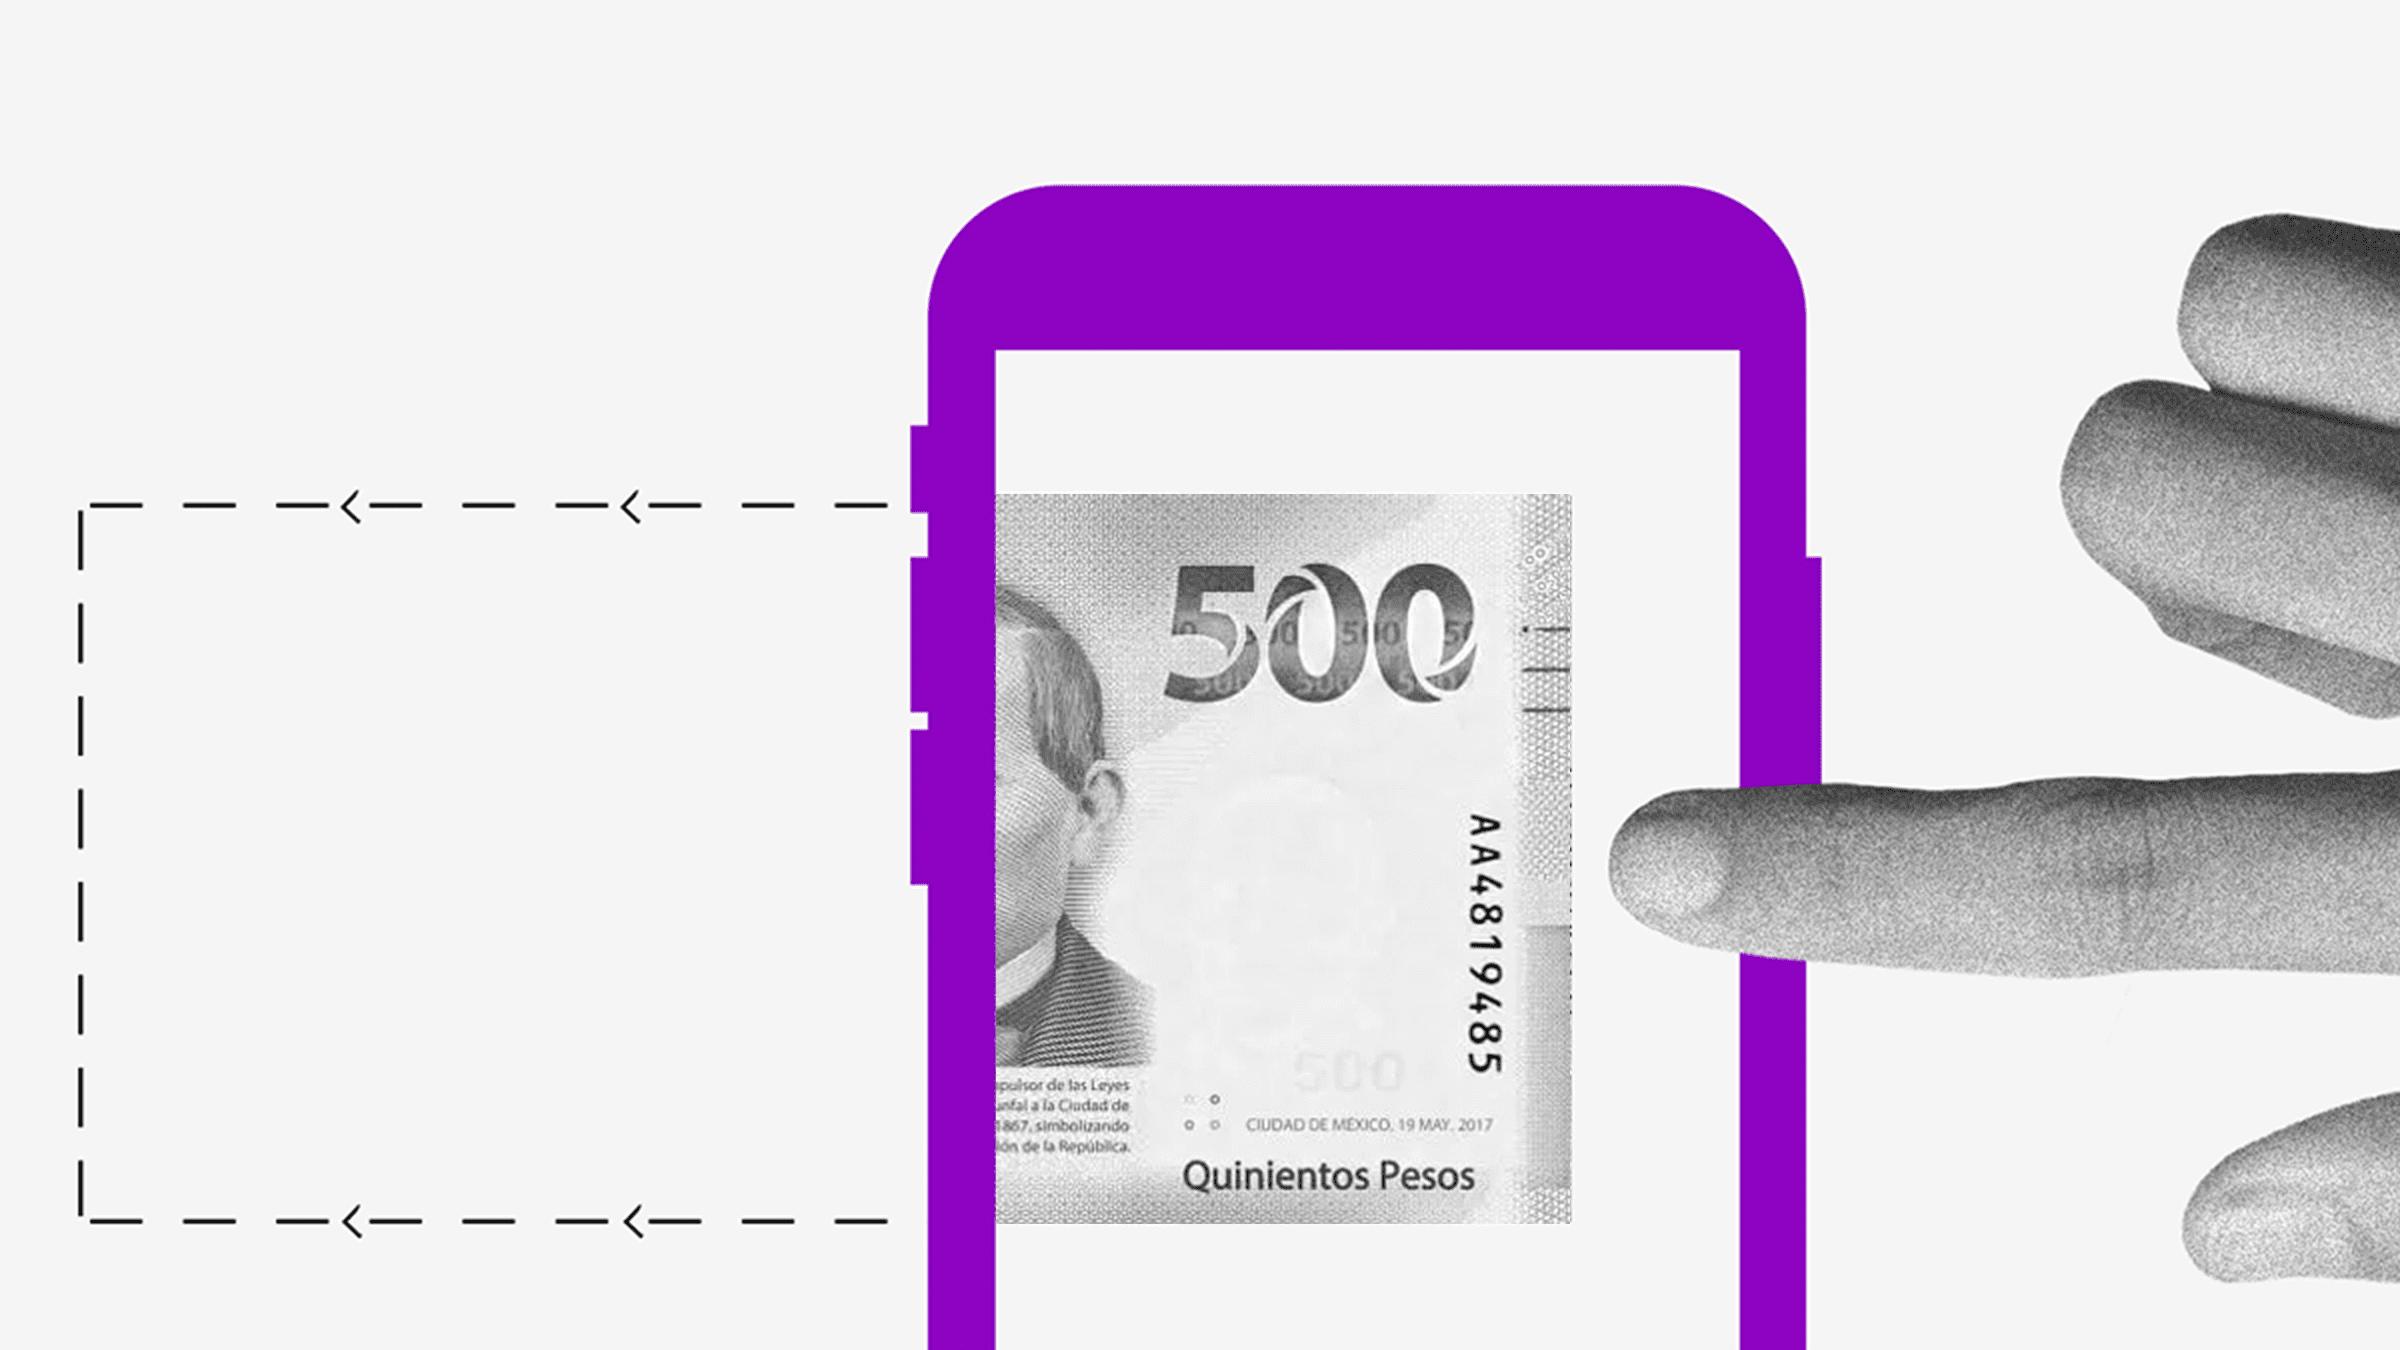 Dedo tocando pantalla de teléfono celular con un billete da a conocer planes de financiamiento Nu México